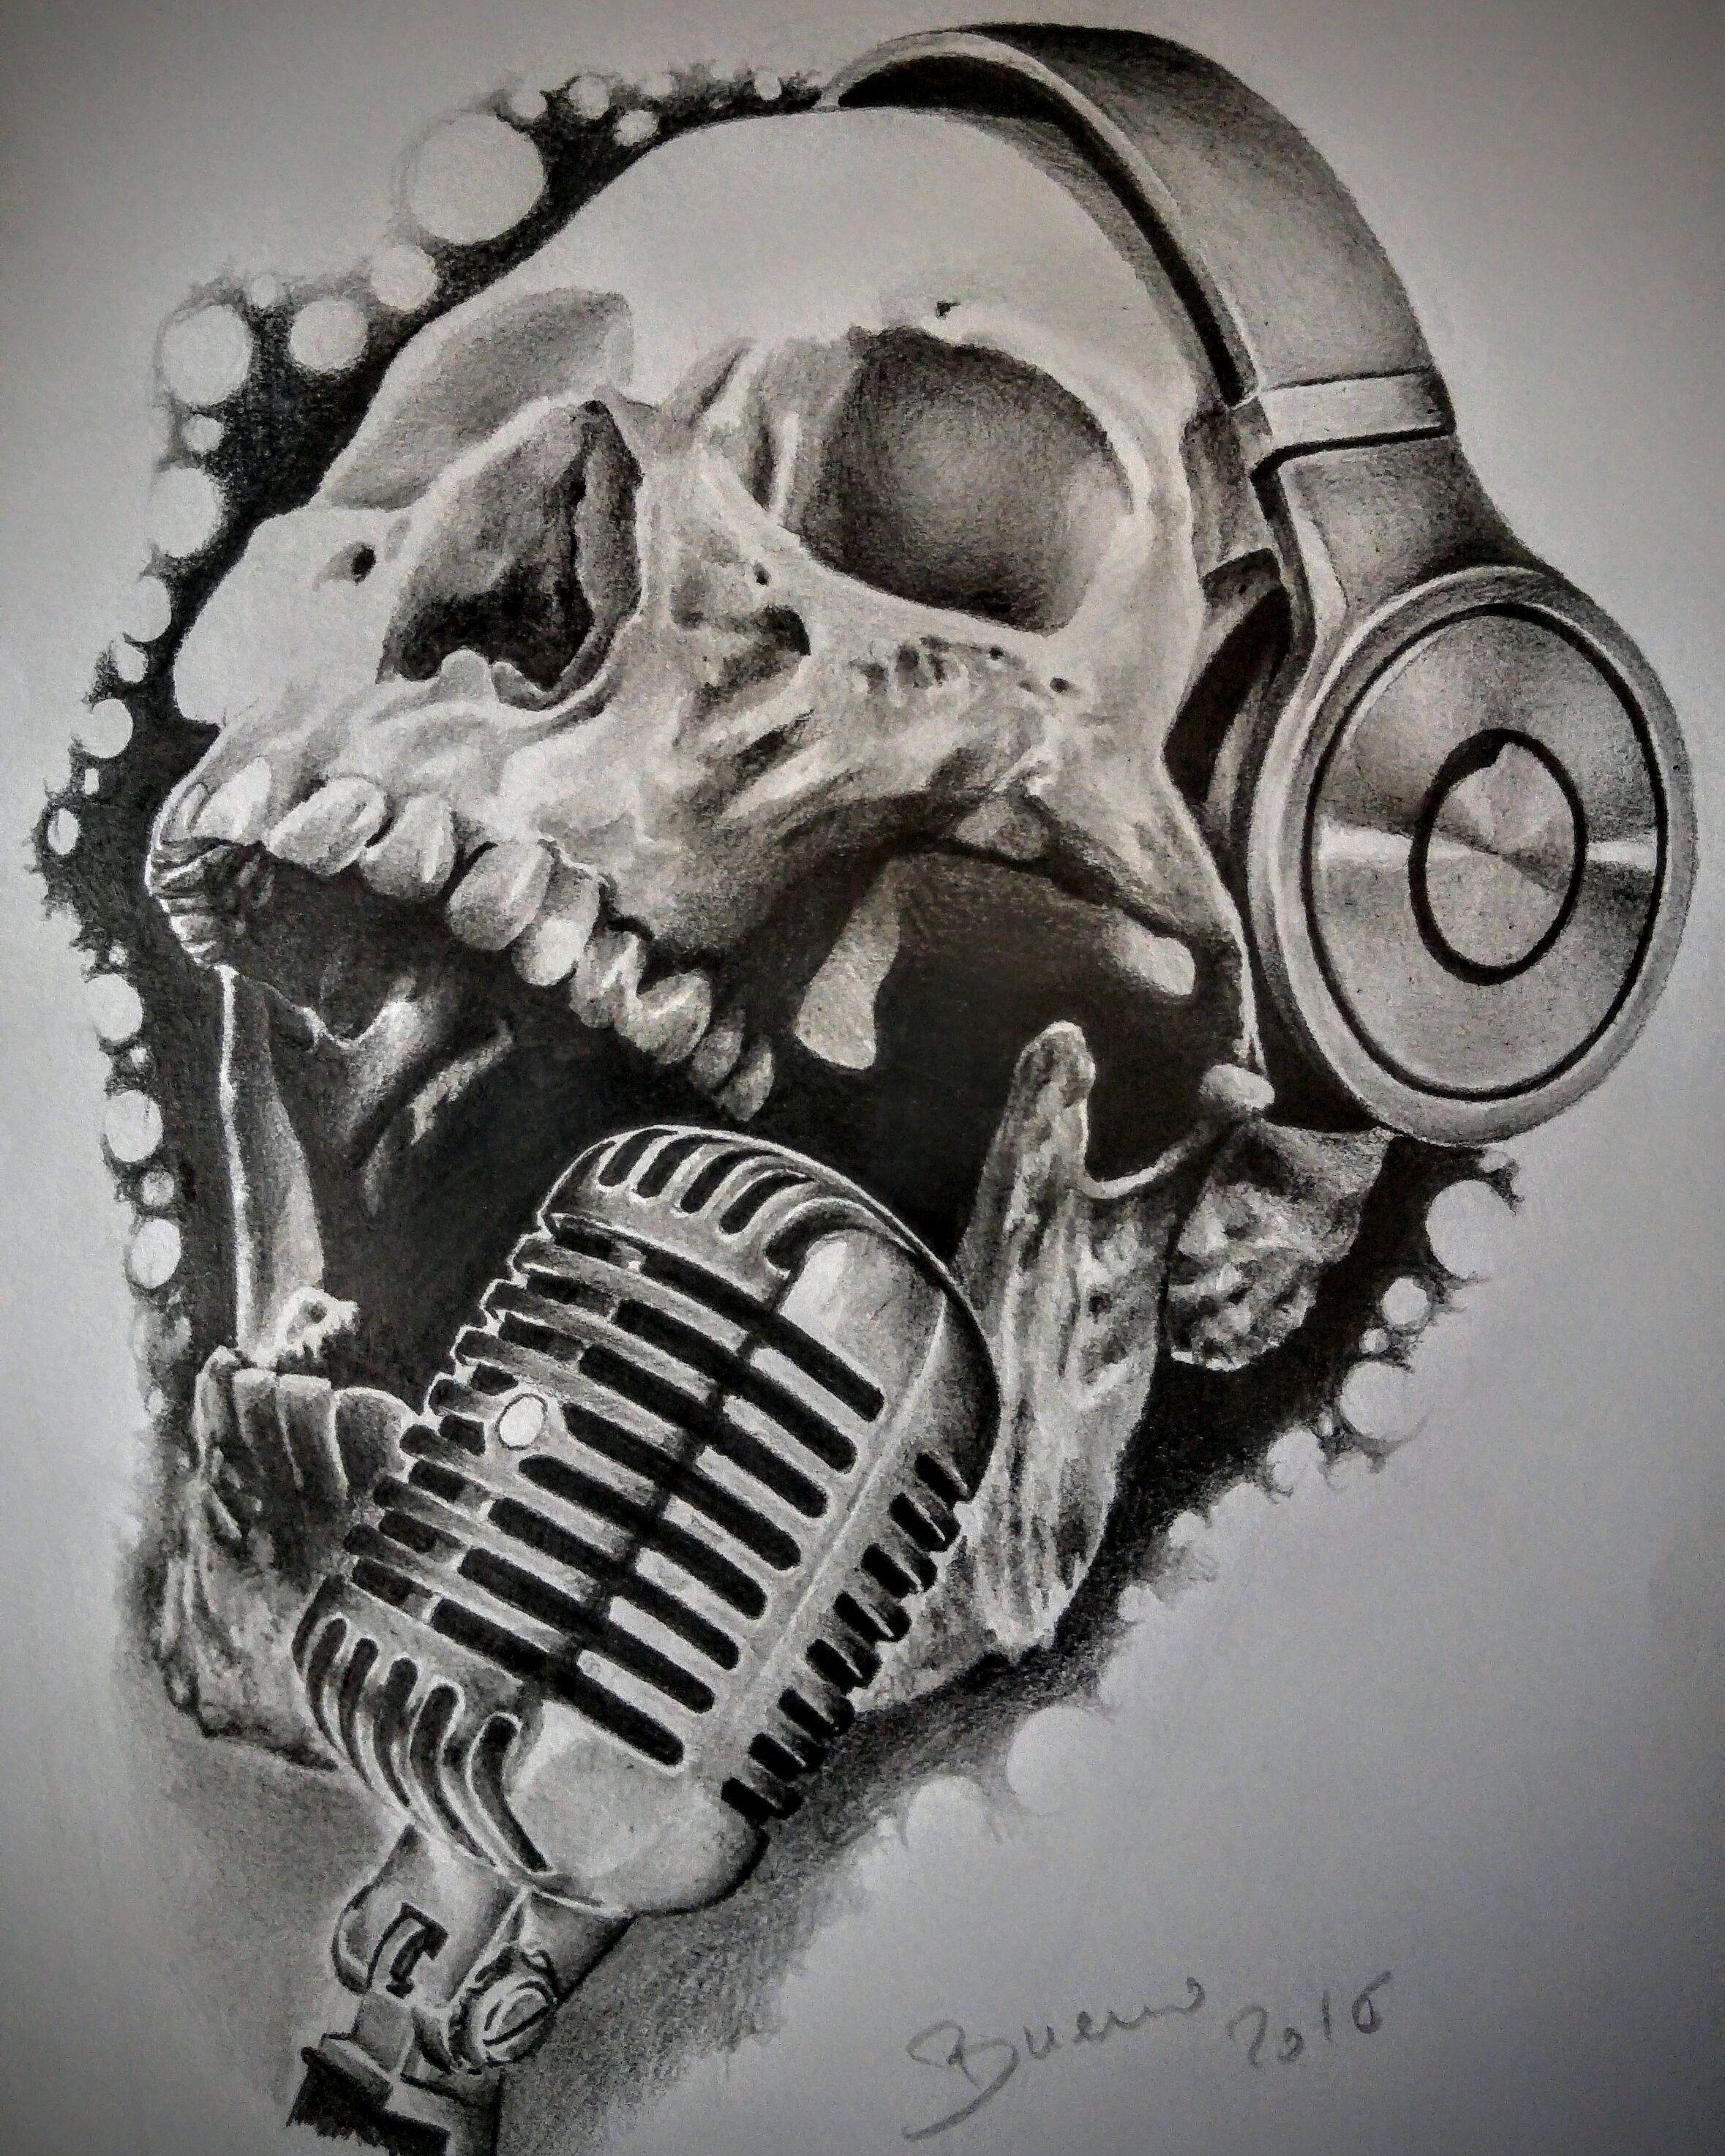 картинки скелета с микрофоном возможно модифицировать